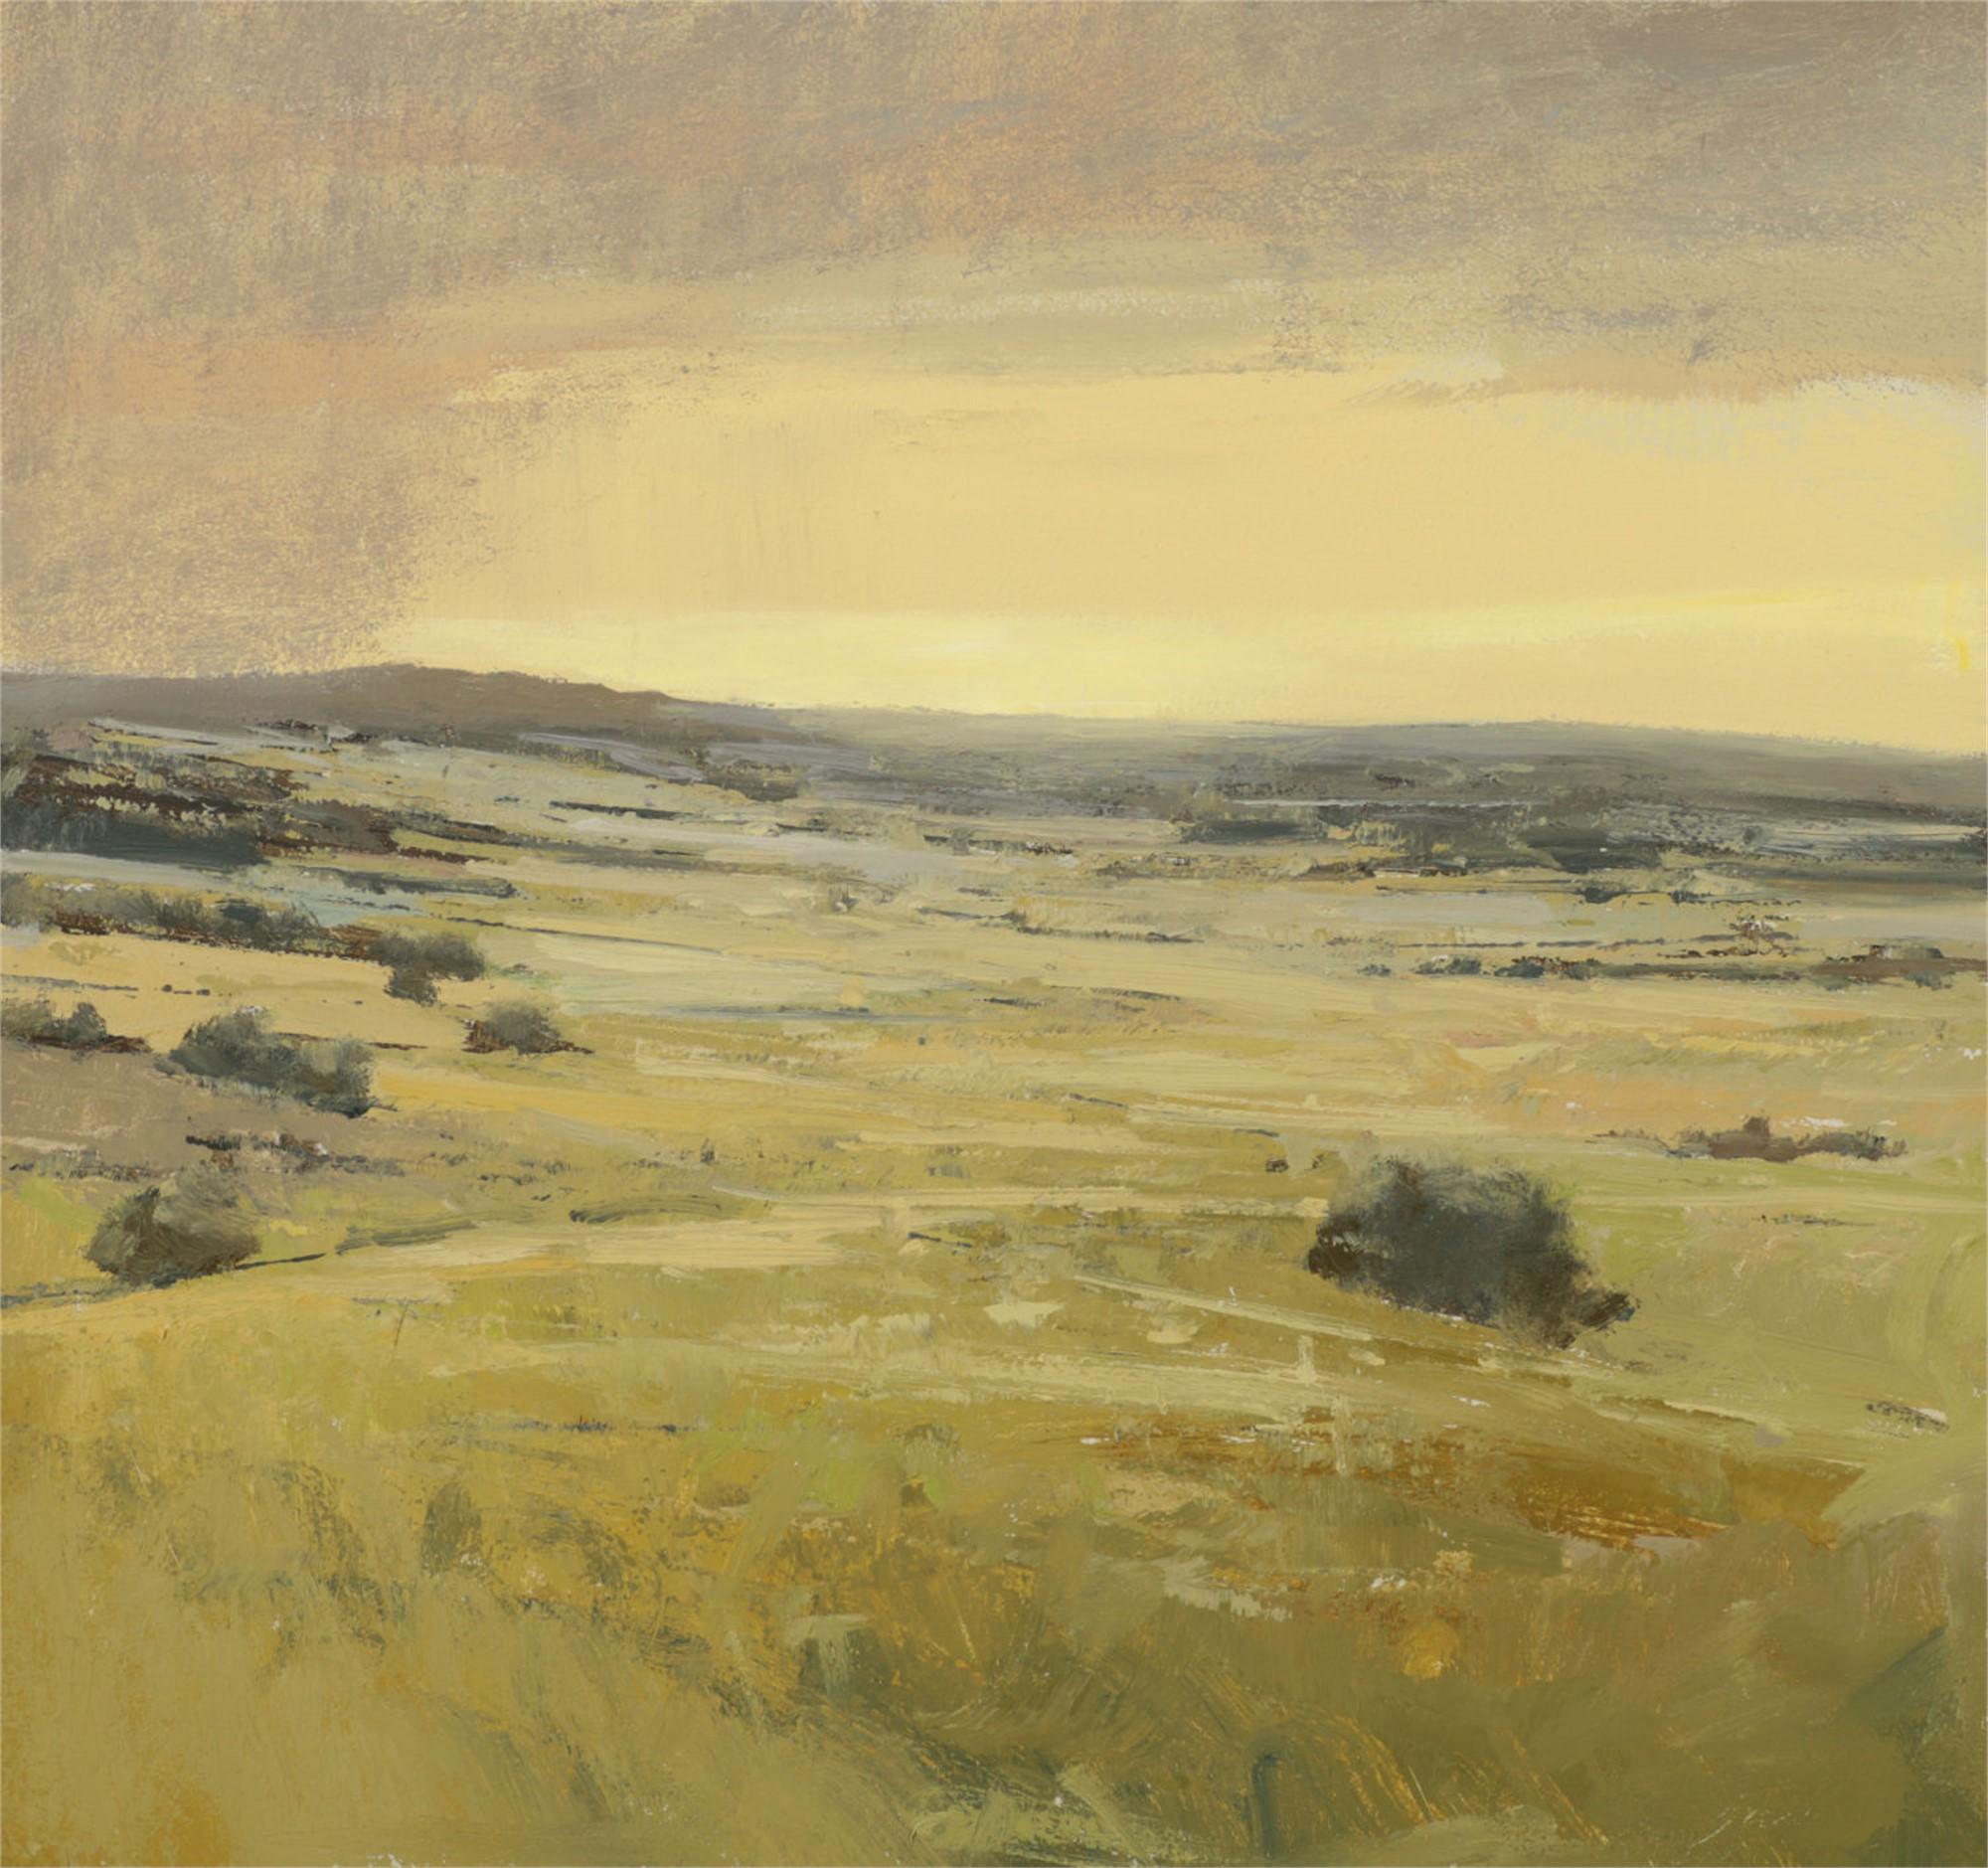 Distant Storm by Andrzej Skorut